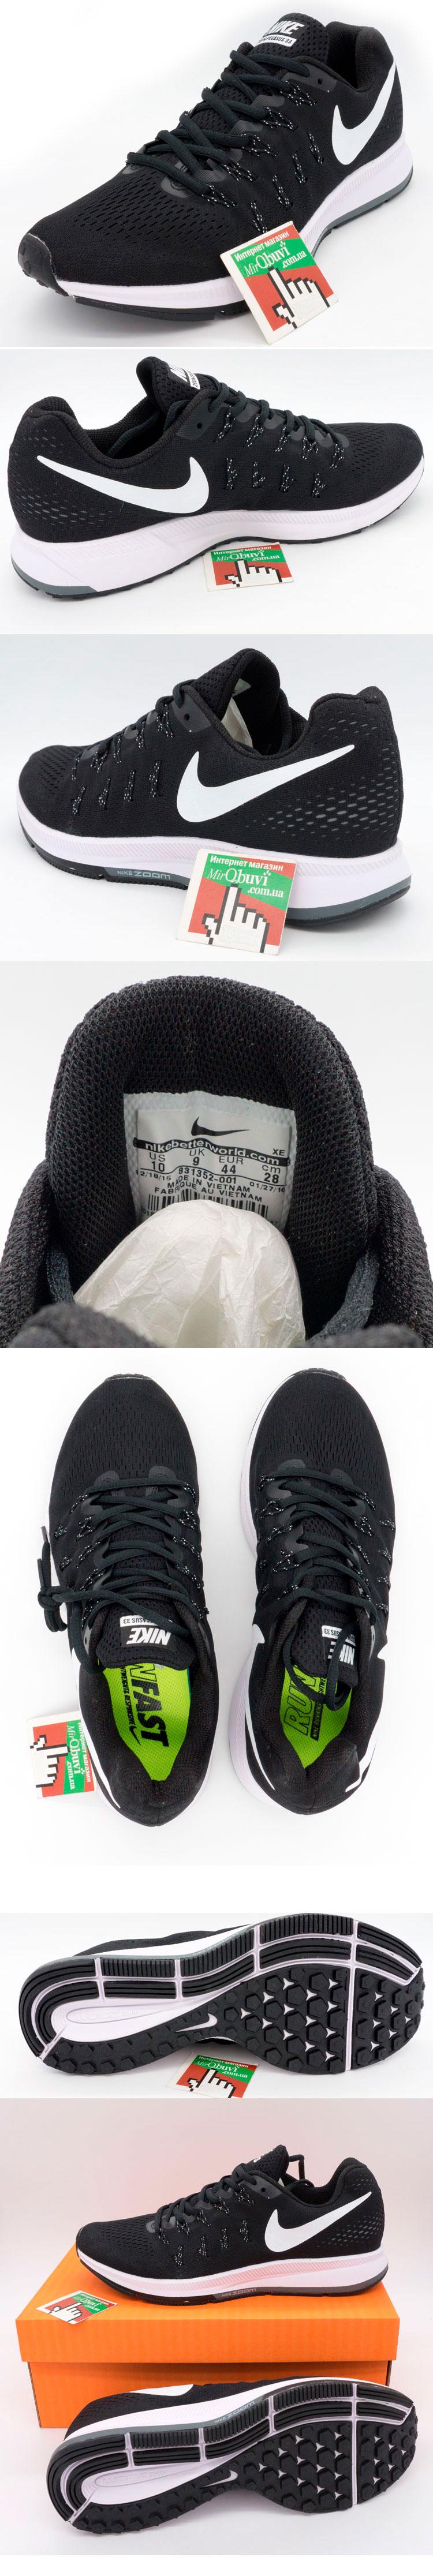 большое фото №5 Беговые кроссовки Nike Zoom Pegasus 33 черно-белые. Топ качество!